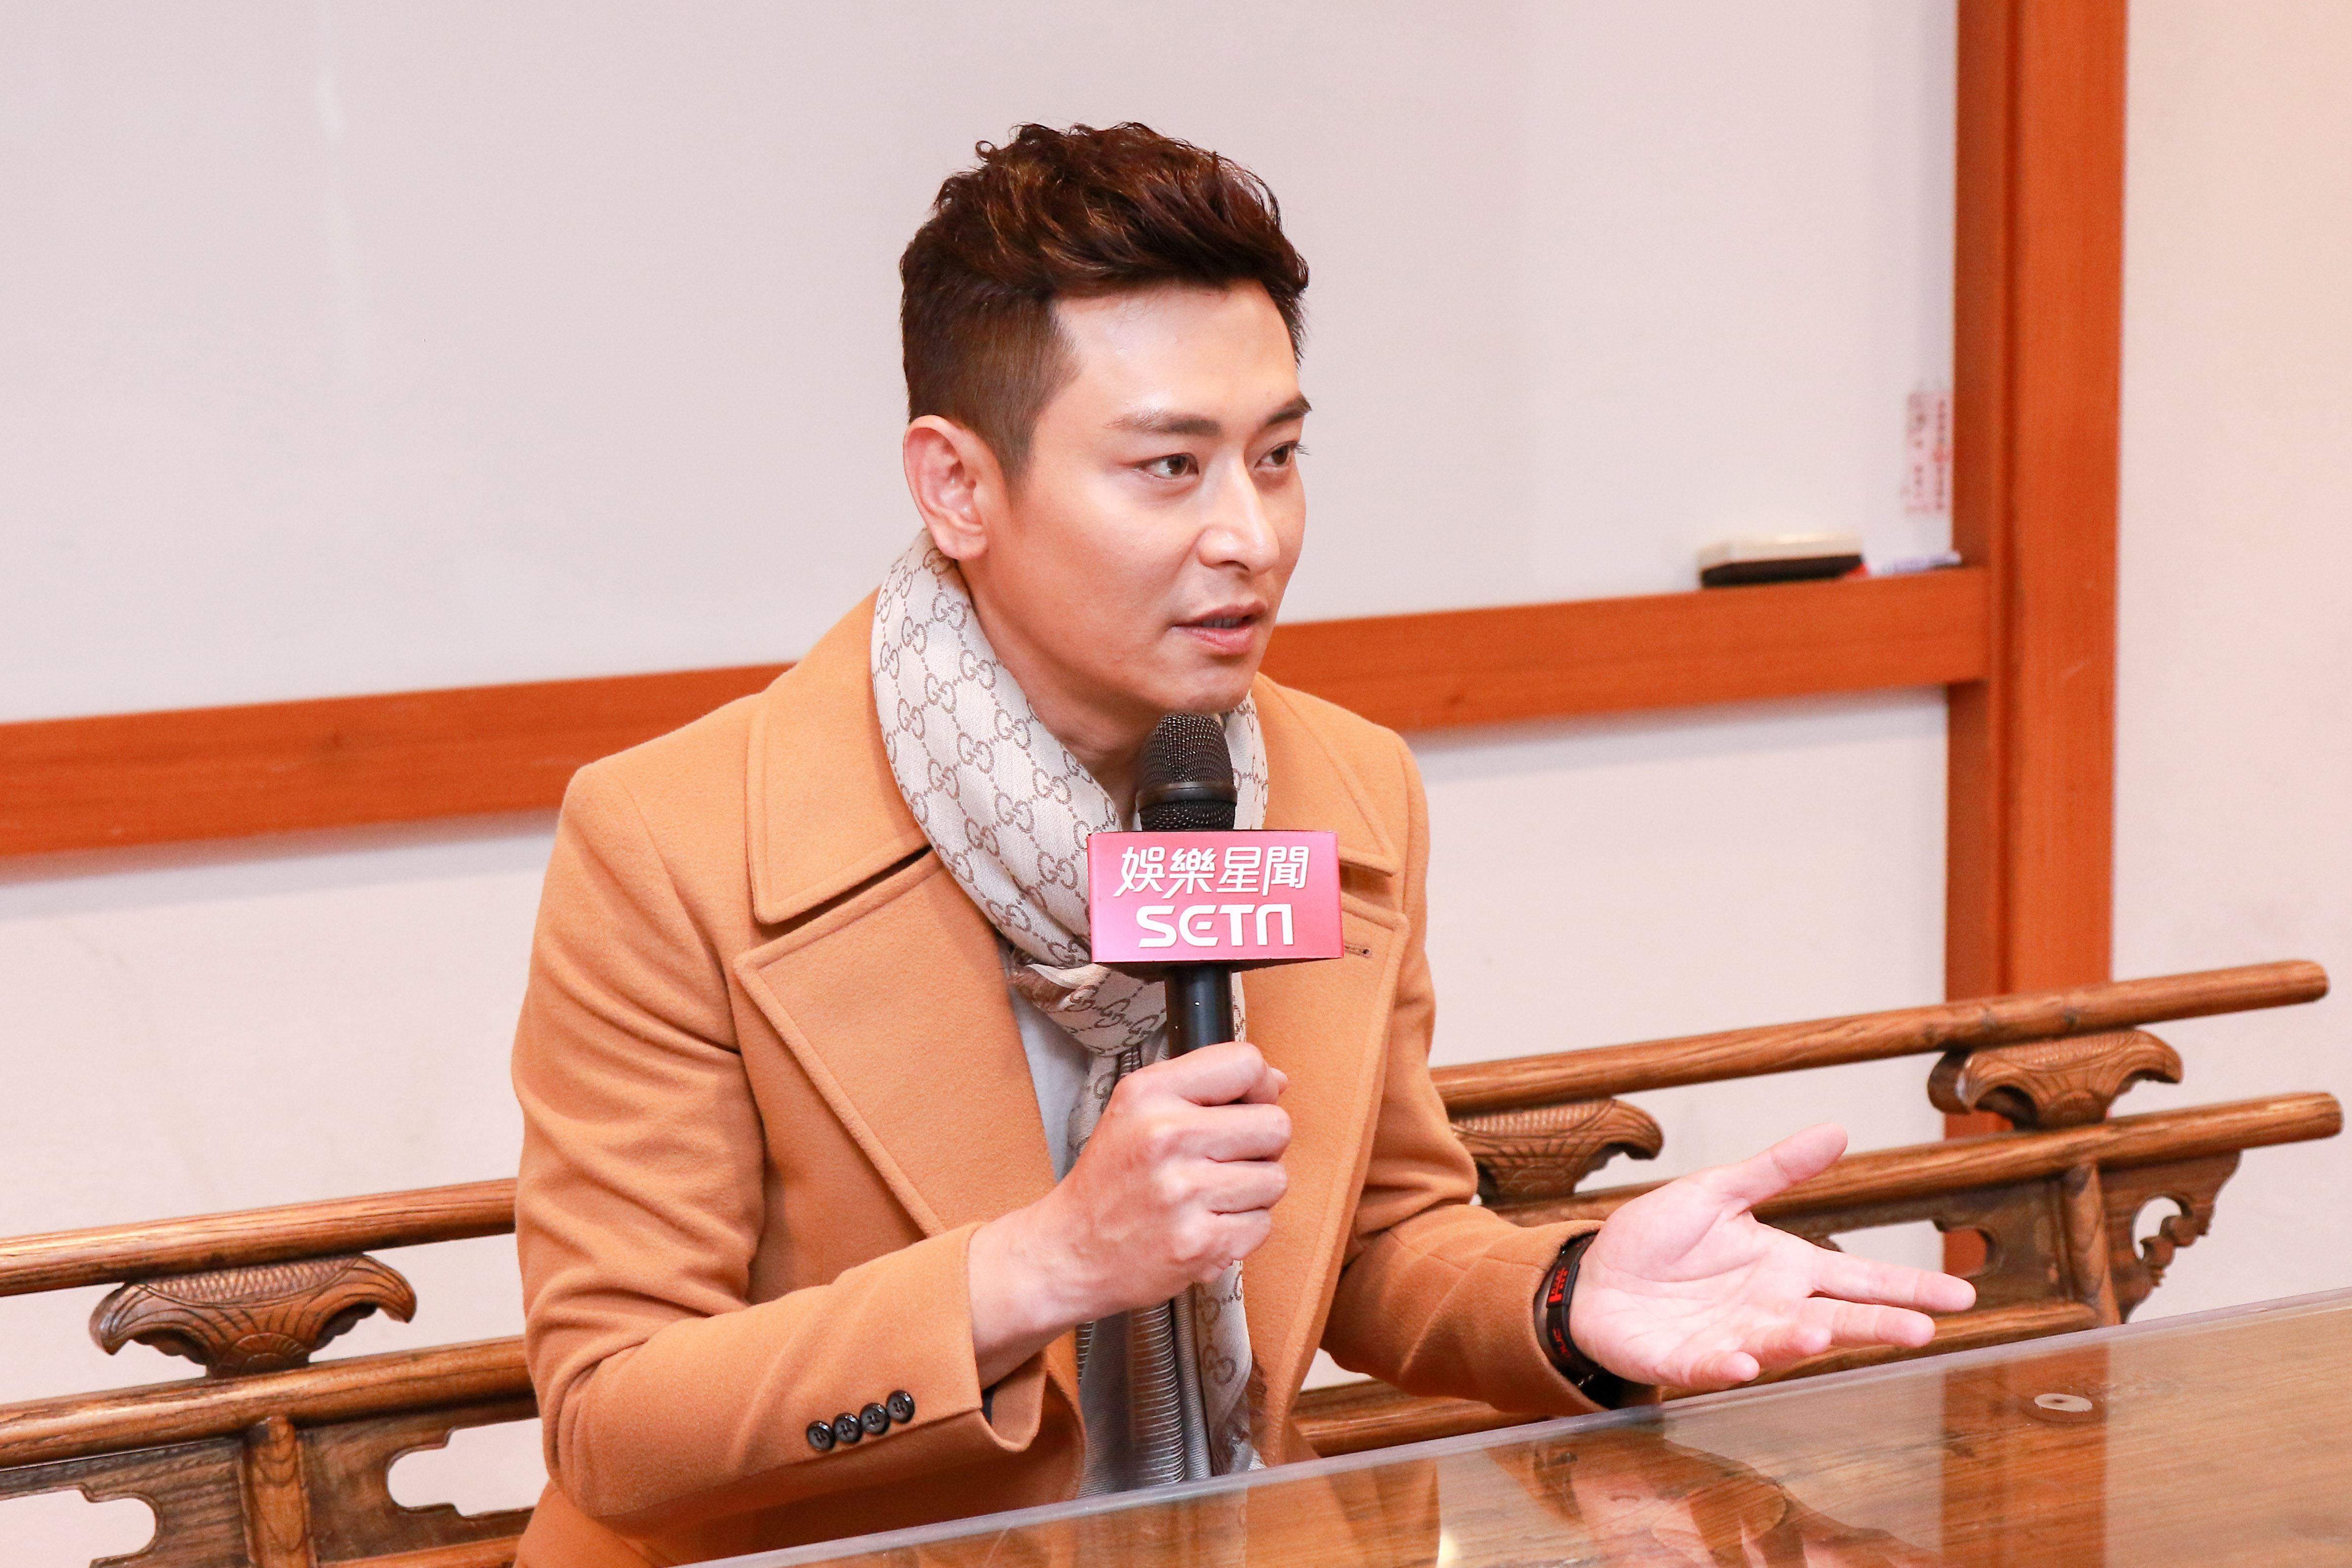 陳冠霖炮仔聲娛樂星聞專訪。(記者林士傑/攝影)